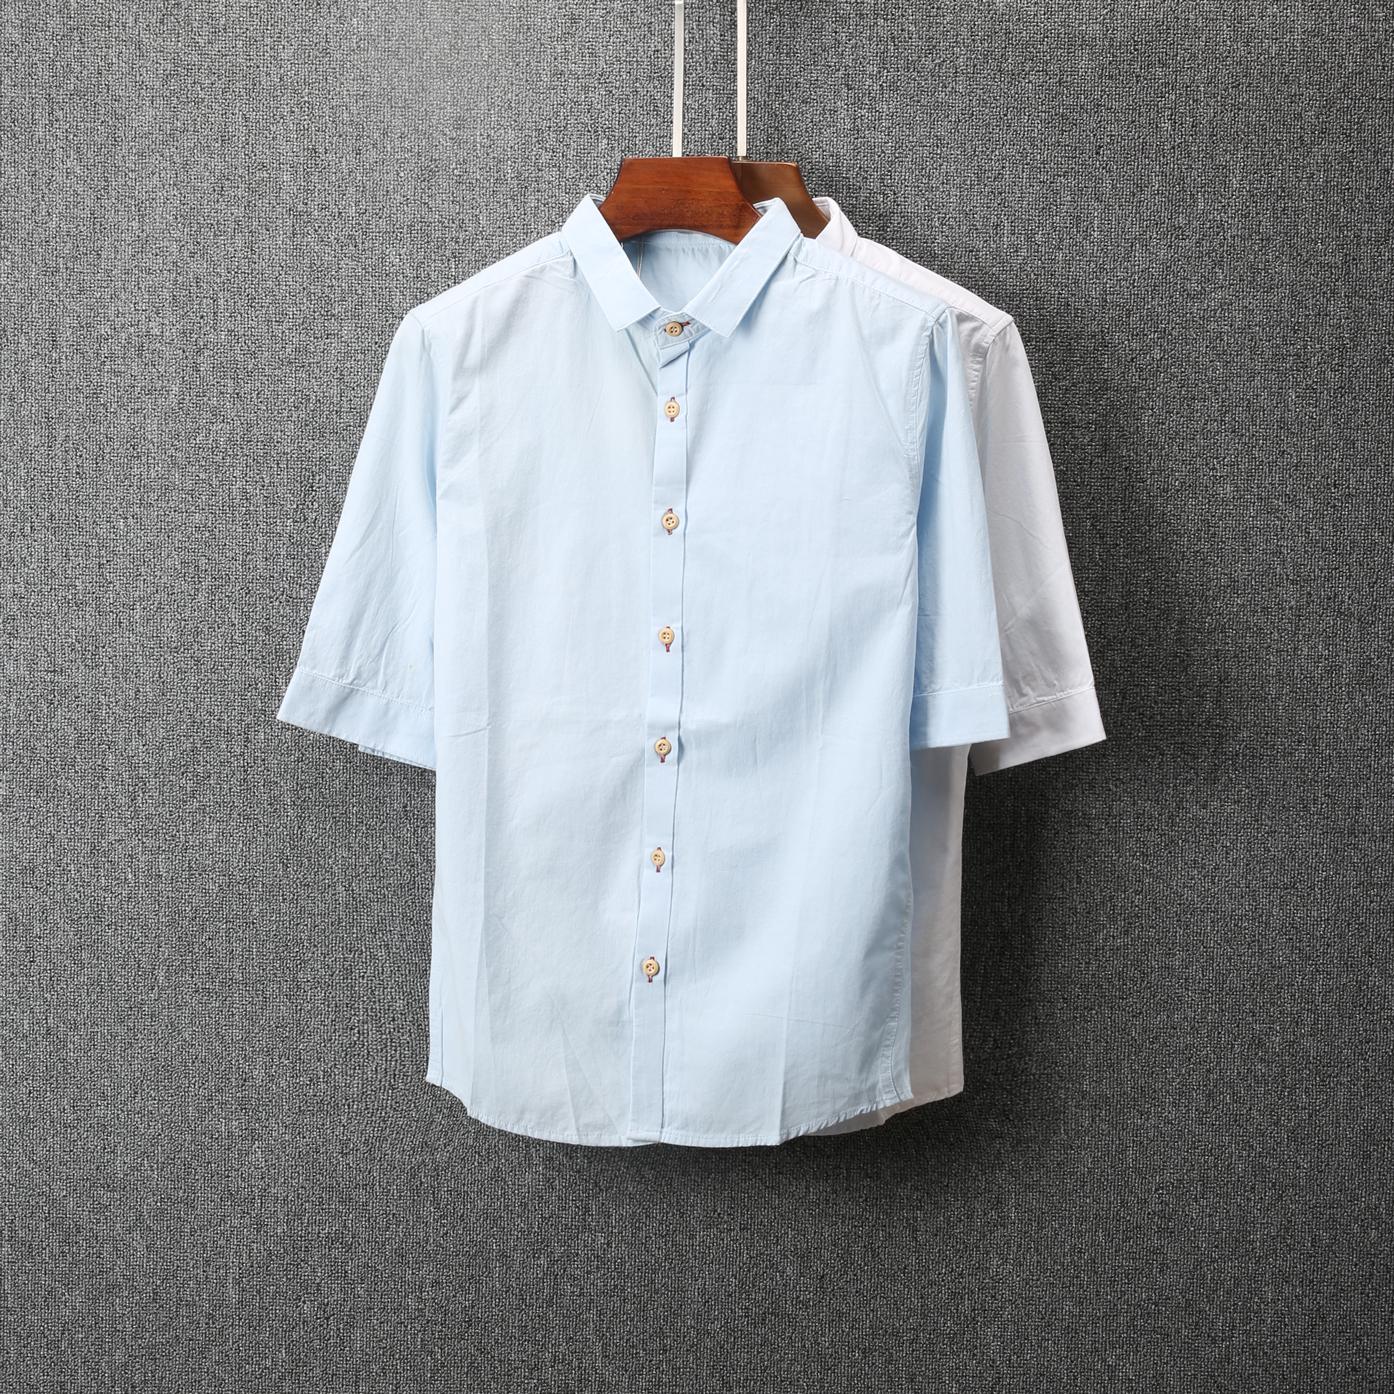 男士修身衬衫 韩版夏季新款男装纯色短袖衬衫时尚修身百搭青年帅气衬衣-1511_推荐淘宝好看的男修身衬衫